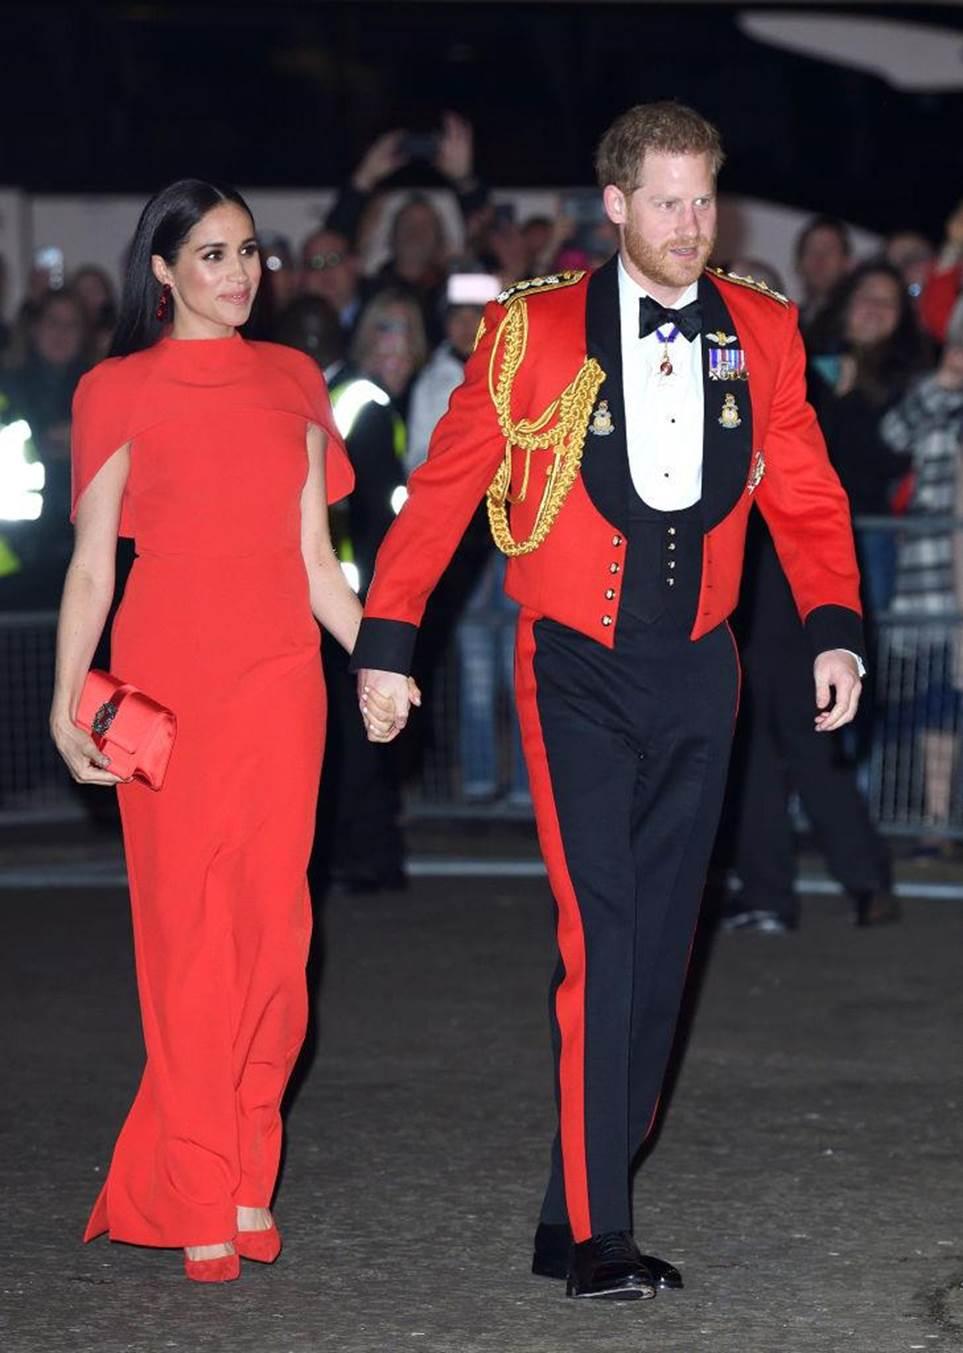 harry herceg meghan markle pirosban